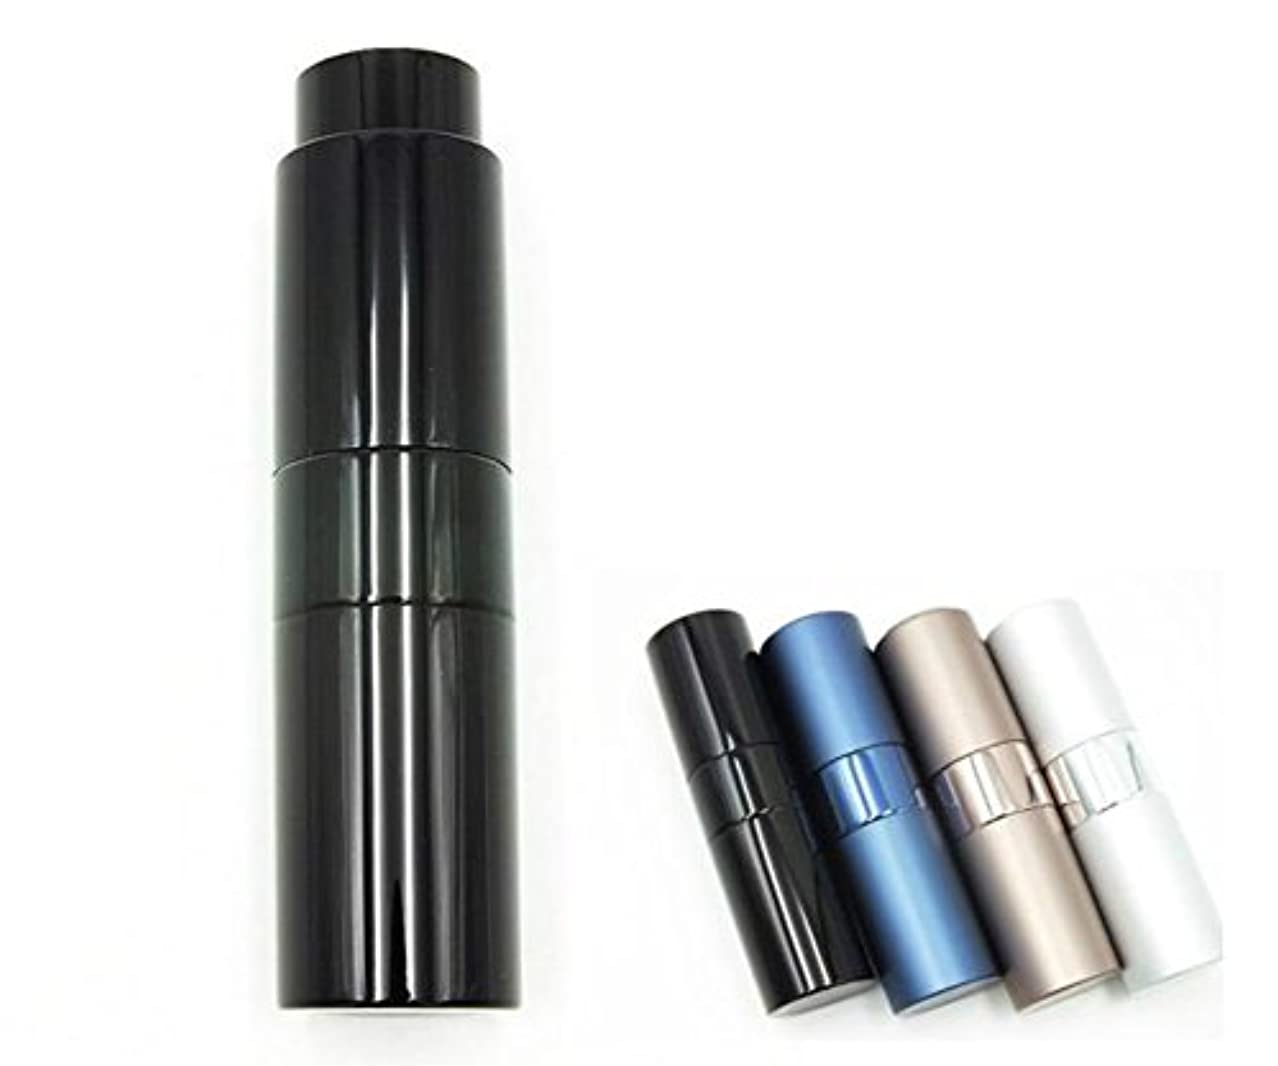 テキスト排泄物適性ShopXJ 香水 メンズ アトマイザー 大人 男性 プッシュ式 詰め替え 持ち運び 身だしなみ 携帯用 15ml (ブラック)